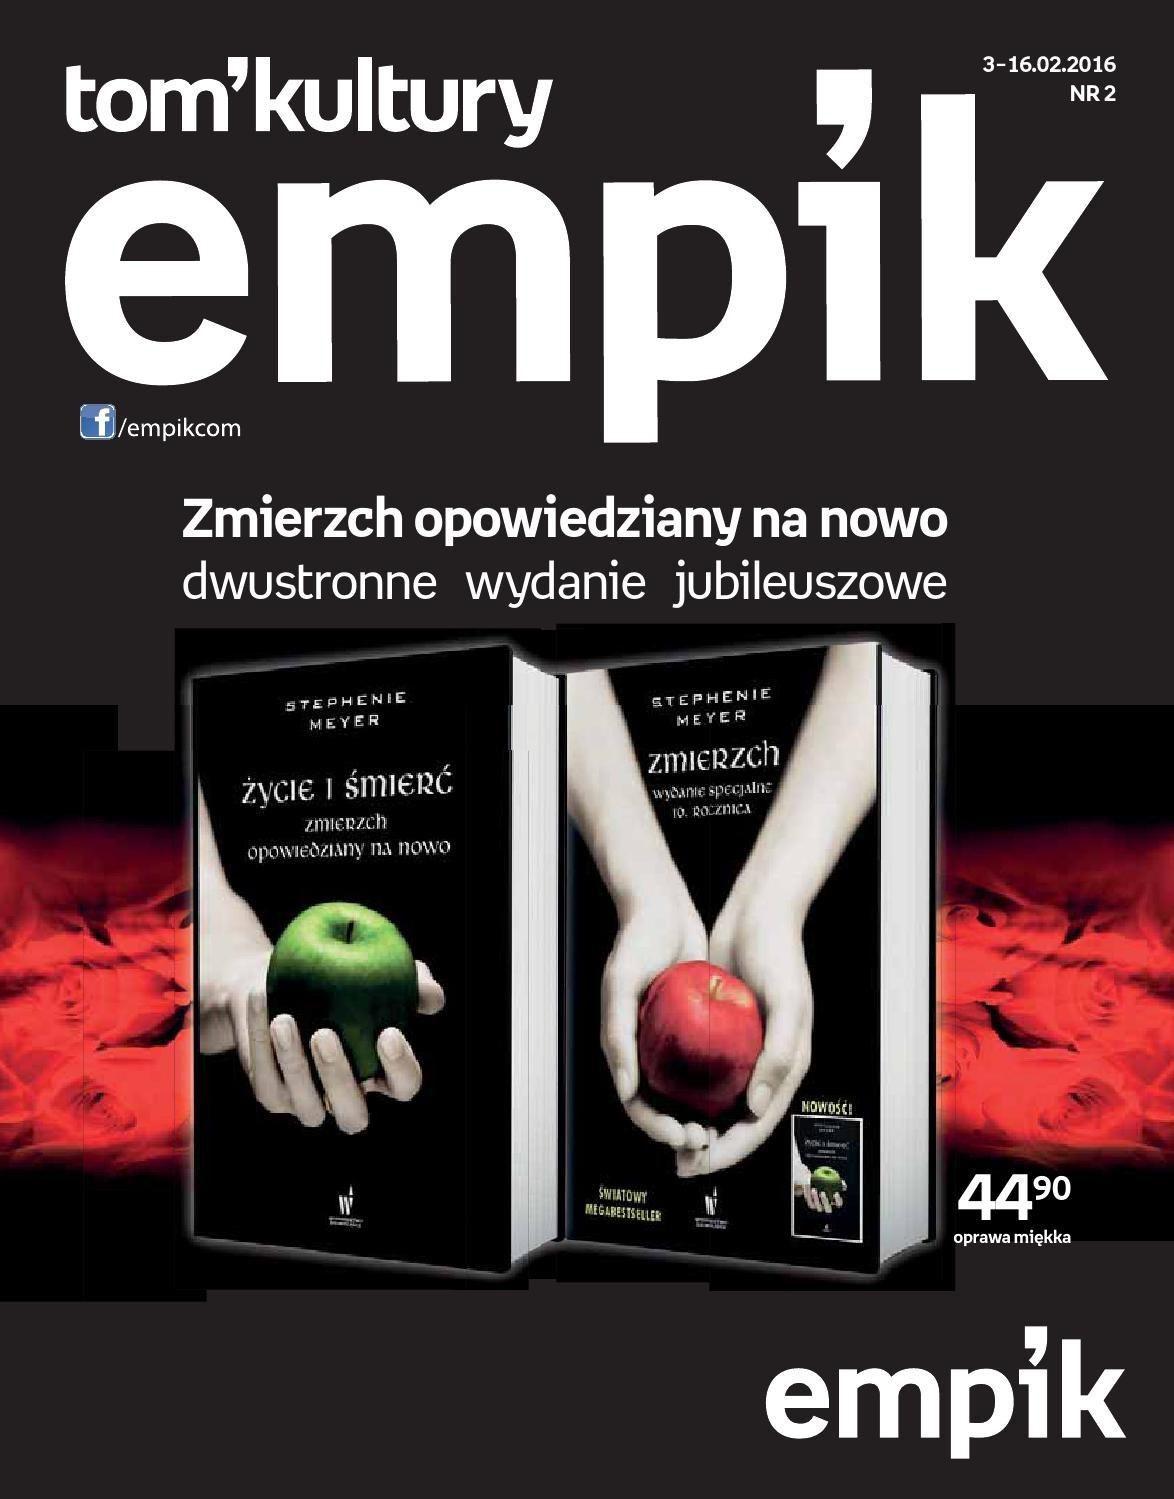 Gazetka promocyjna empik do 16/02/2016 str.0